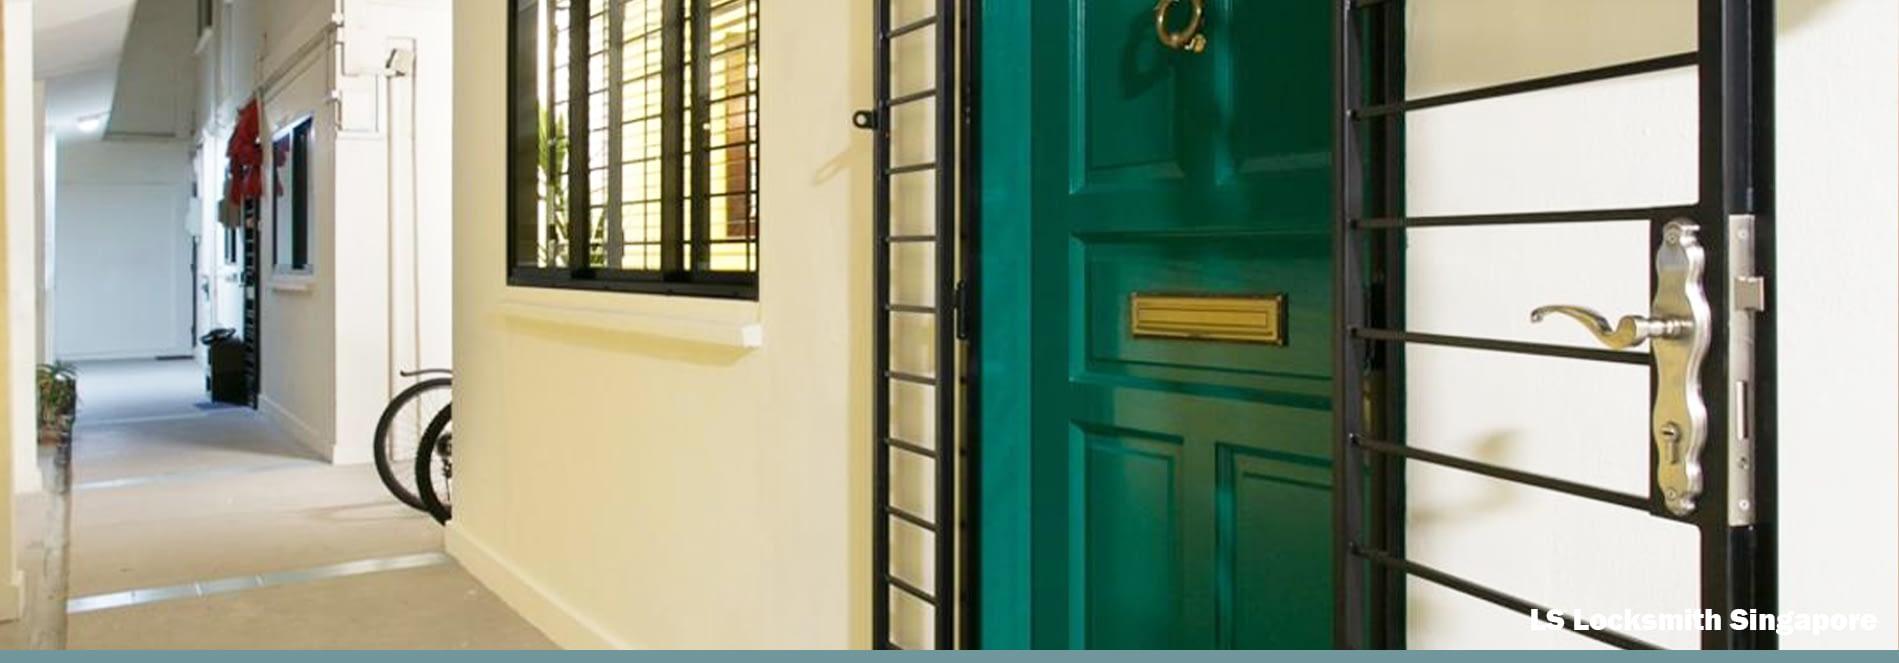 HDB Main Door Lock Replacement